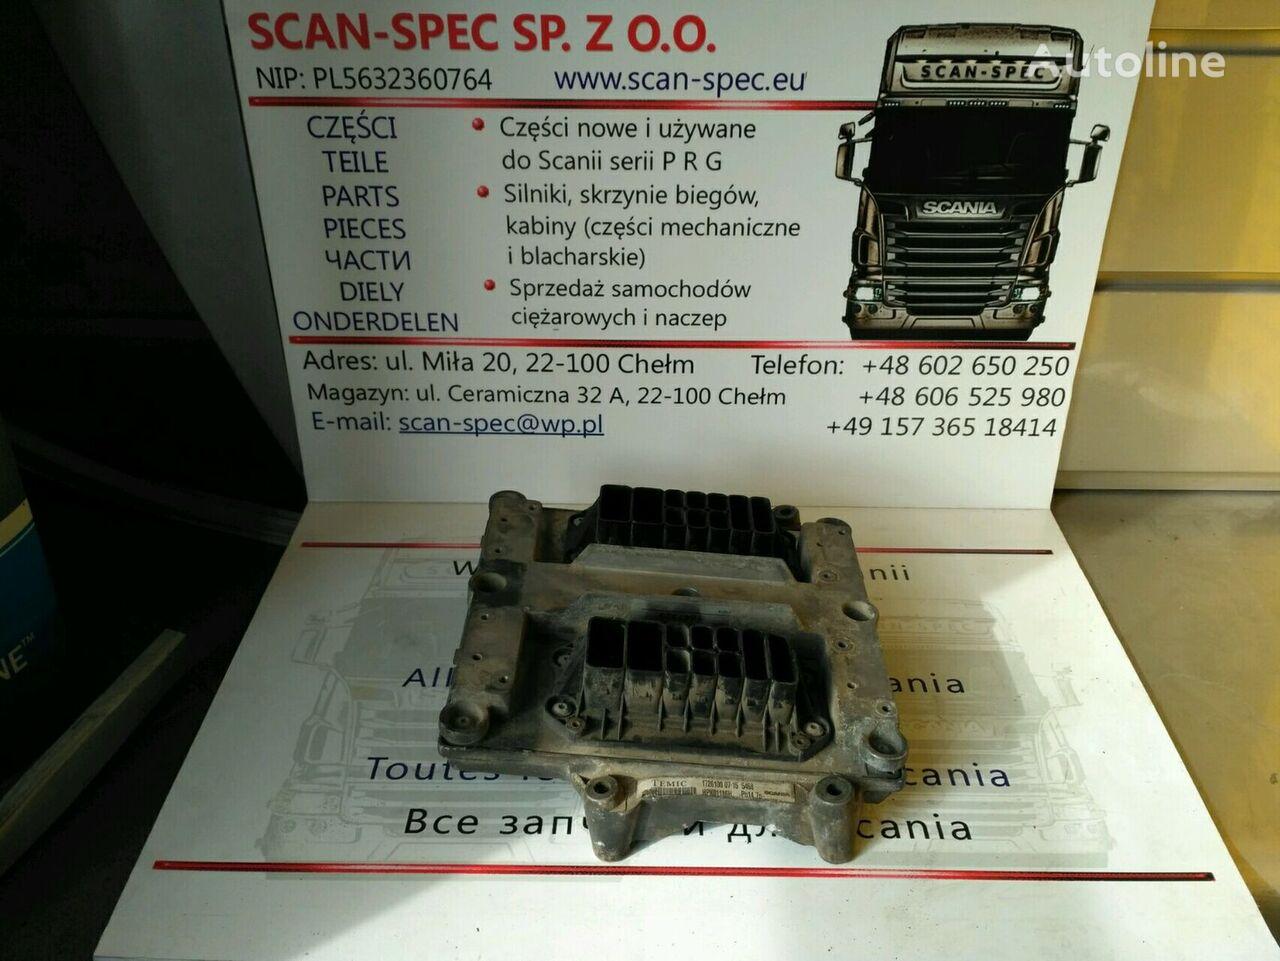 блок управления SCANIA EDC ECU DT1217 R для тягача SCANIA R